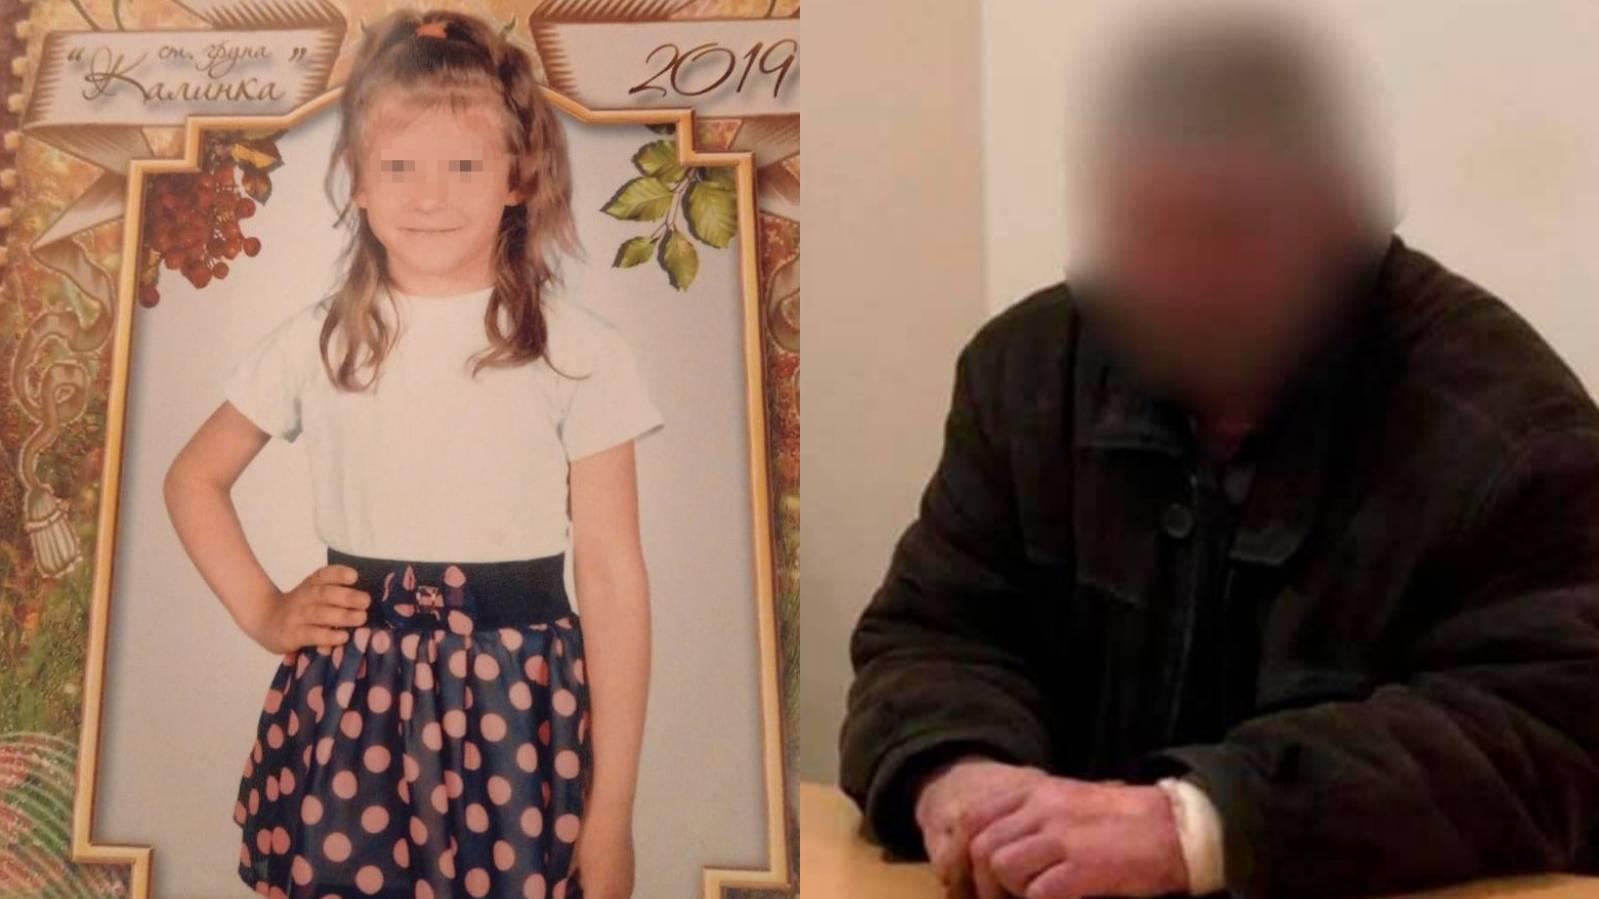 Соседи раскрыли жуткие подробности о вероятном убийце 7-летней девочки, который держал село в страхе